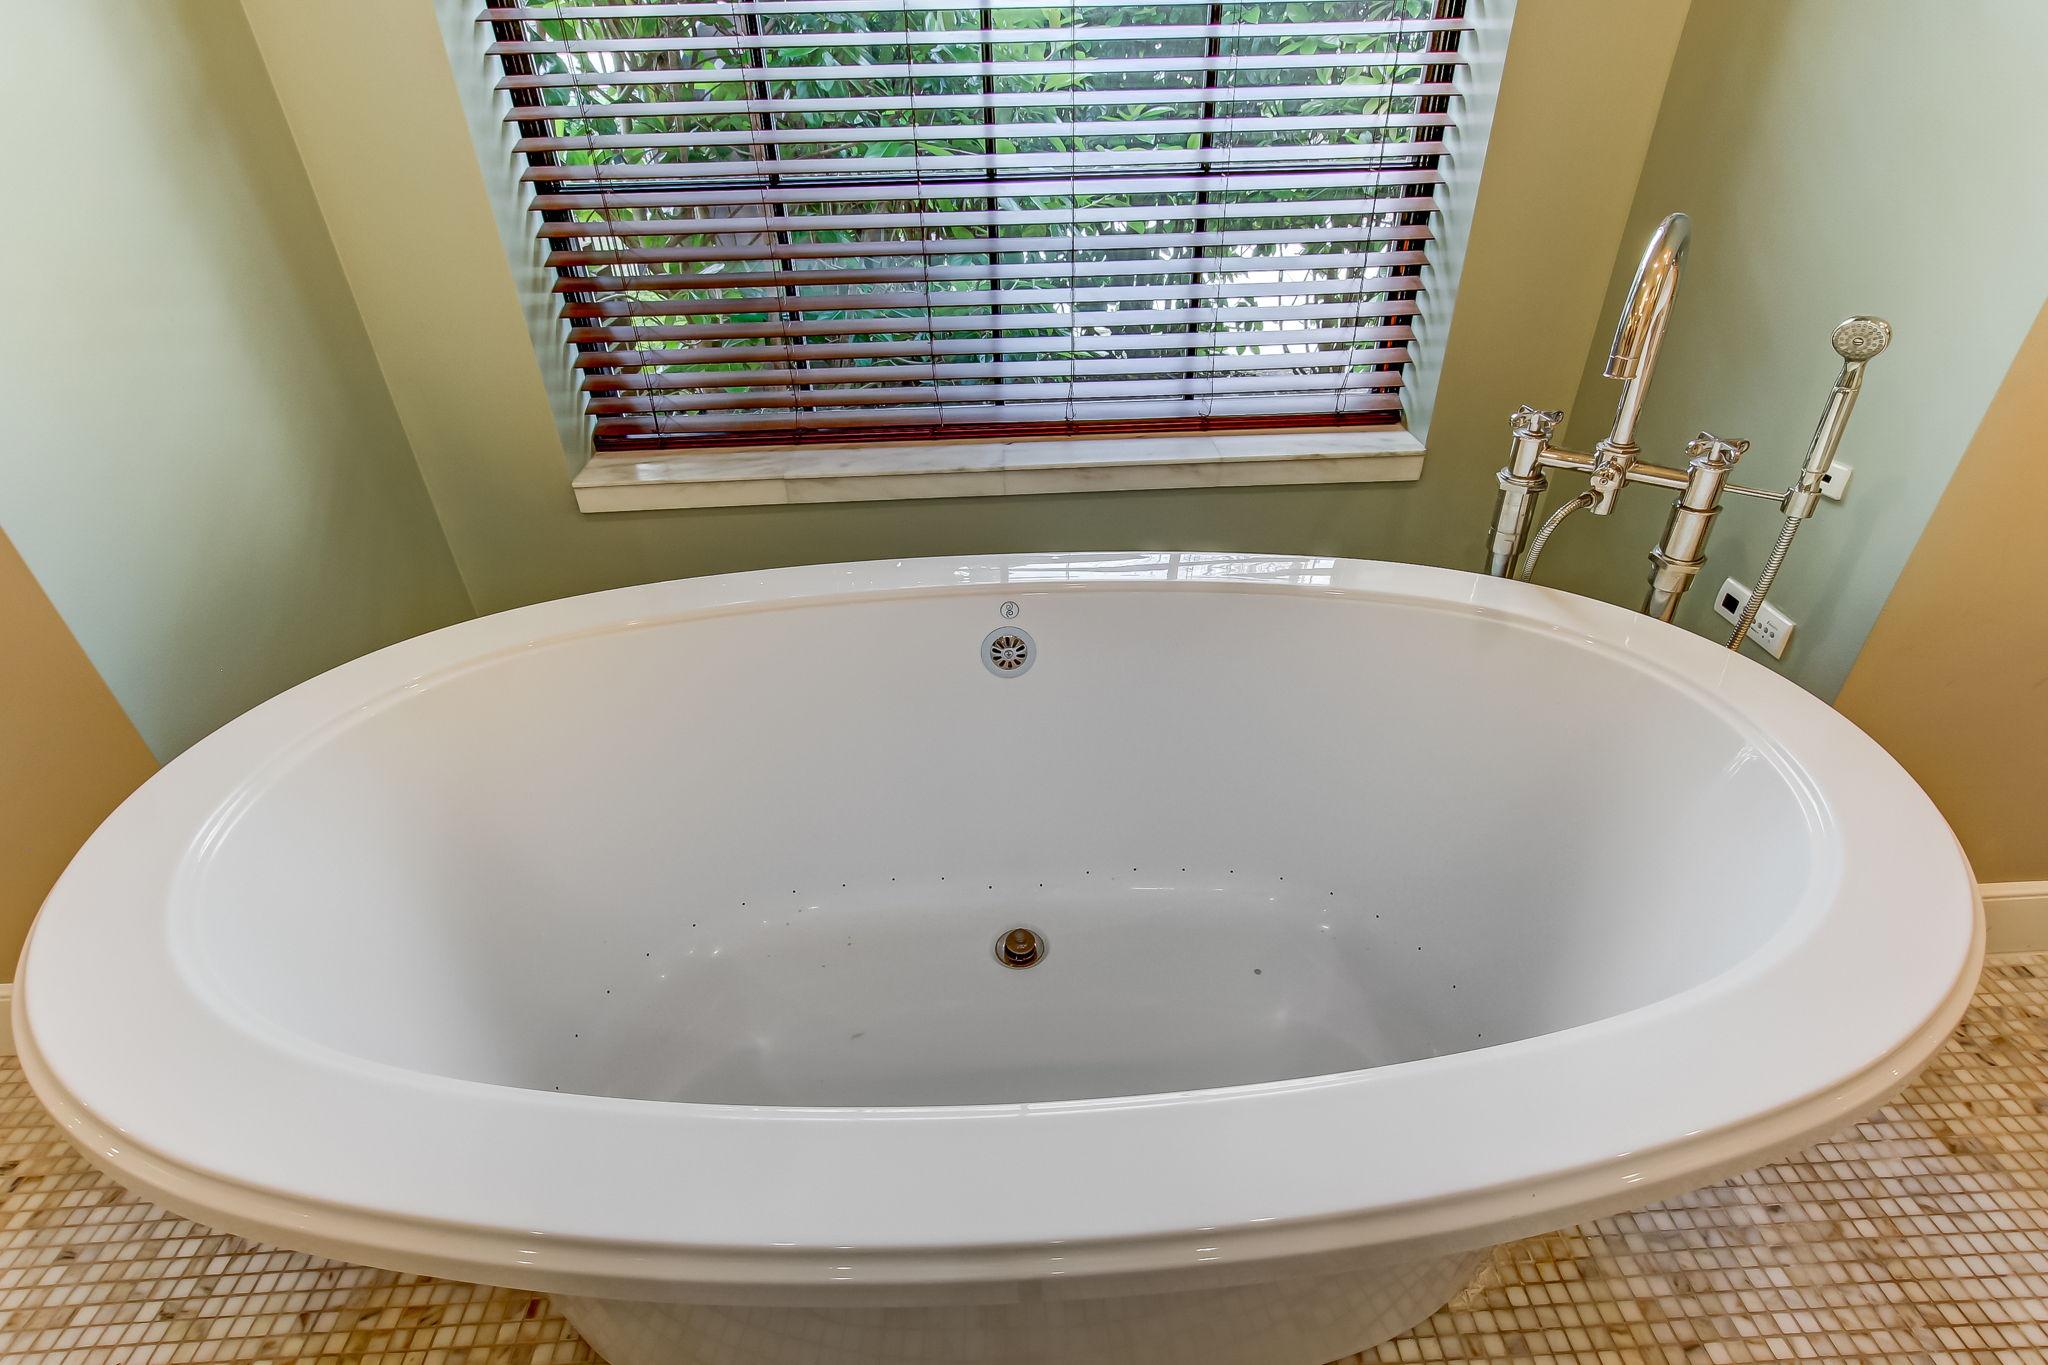 Bain Ultratherapy Spa Bath